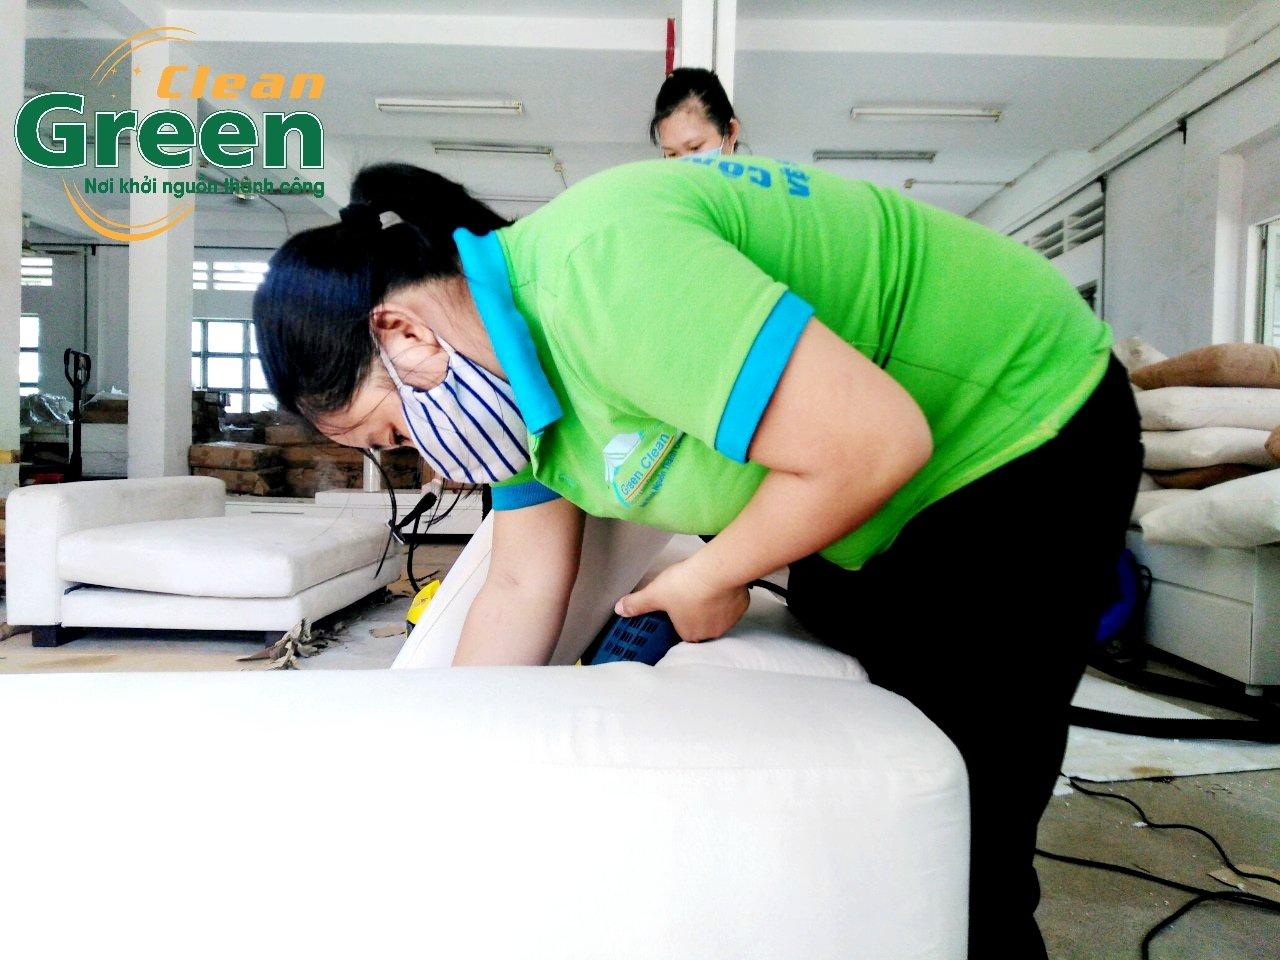 Dùng máy hút bụi hút sạch các bụi bẩn đã được khử sạch - quy trình giặt ghế sofa vải tại nhà